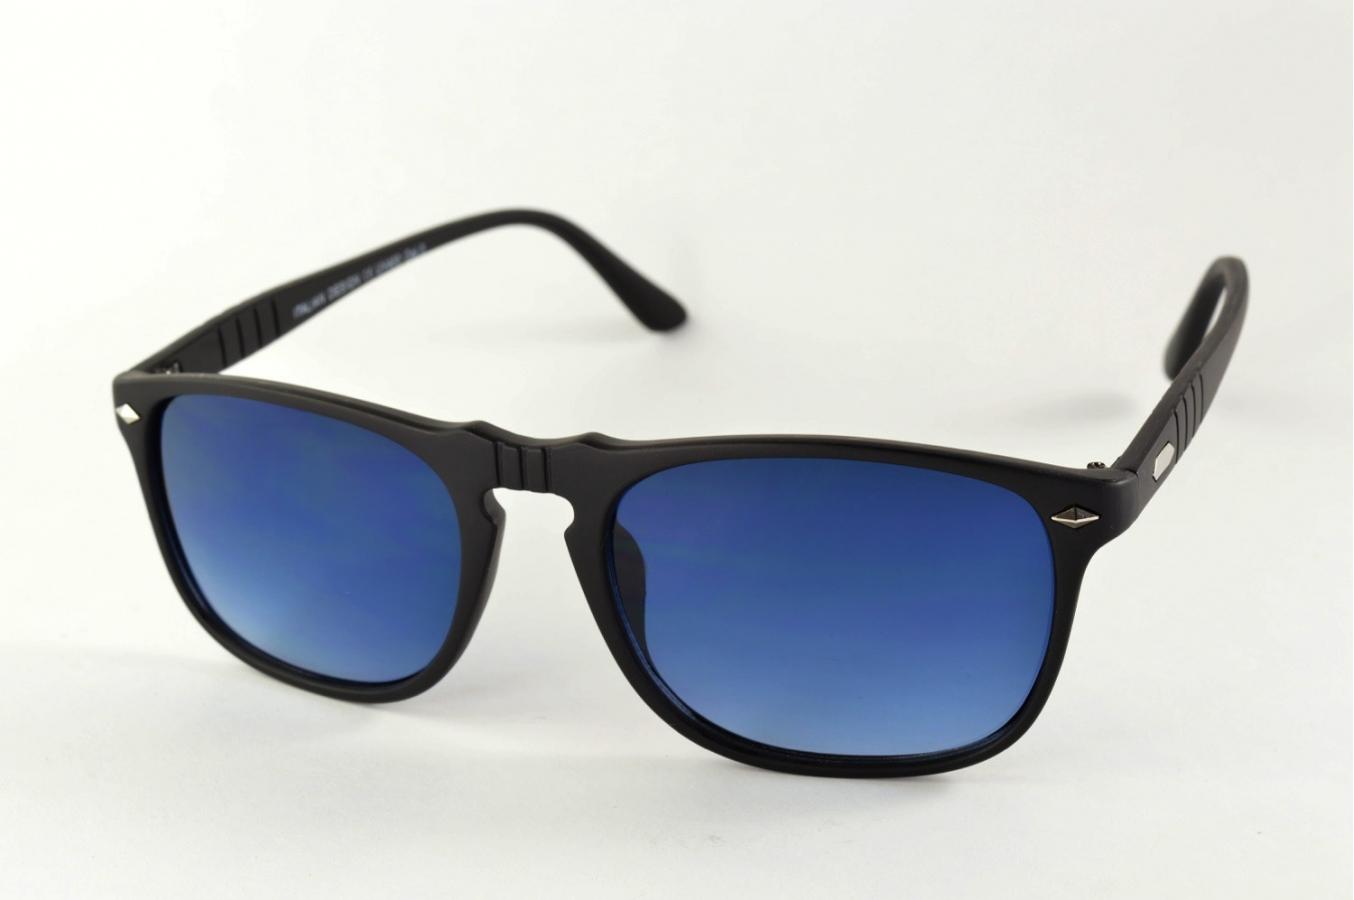 lunettes de soleil aviateur avec pont en forme de trou de serrure k eyes. Black Bedroom Furniture Sets. Home Design Ideas